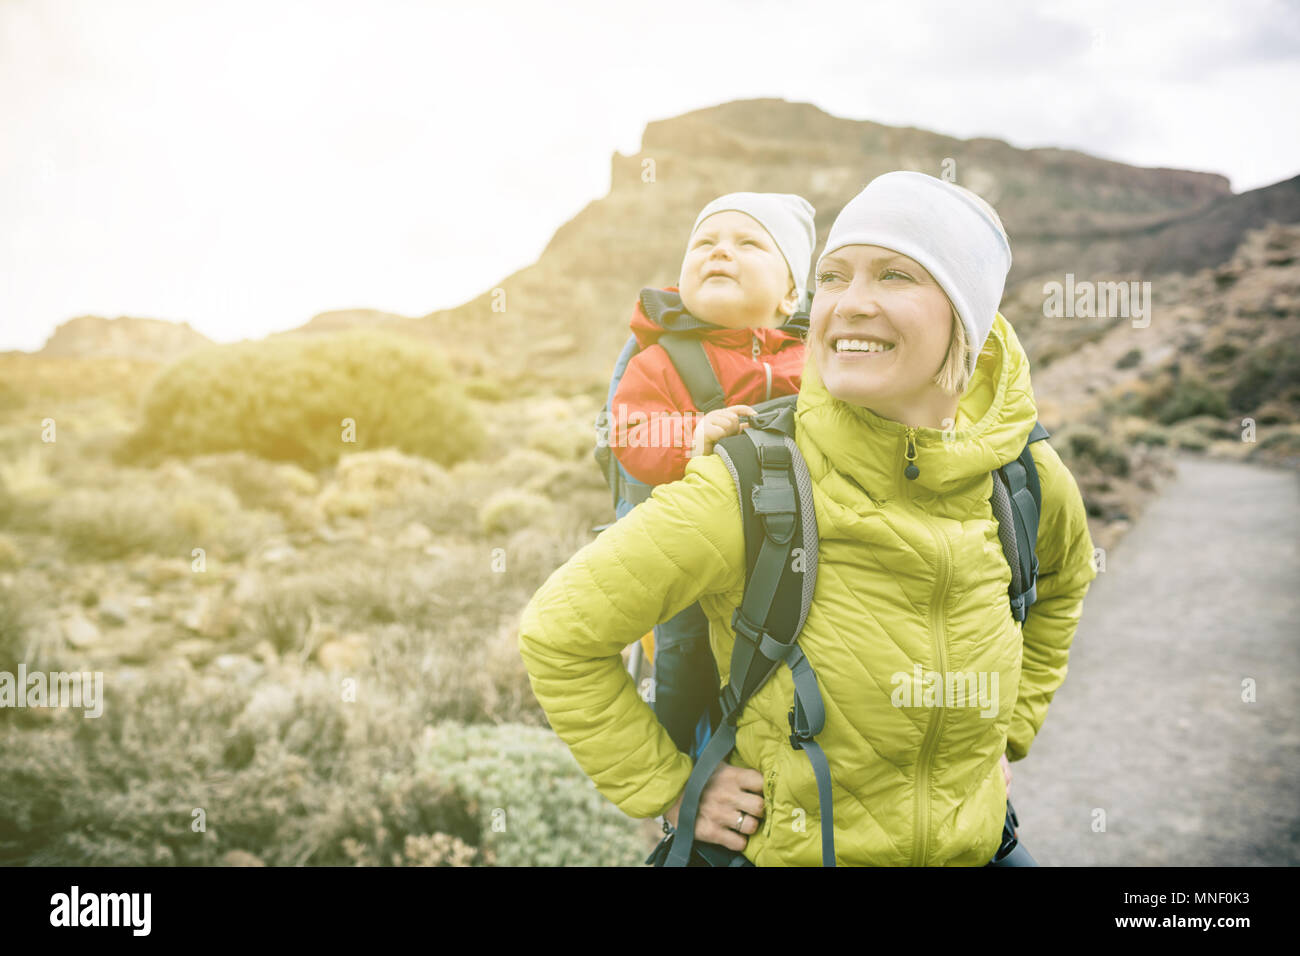 Super mom con baby boy viajando en mochila. Madre de trekking aventura con niños, viaje en familia en las montañas. Viaje de vacaciones con bebé llevado Imagen De Stock